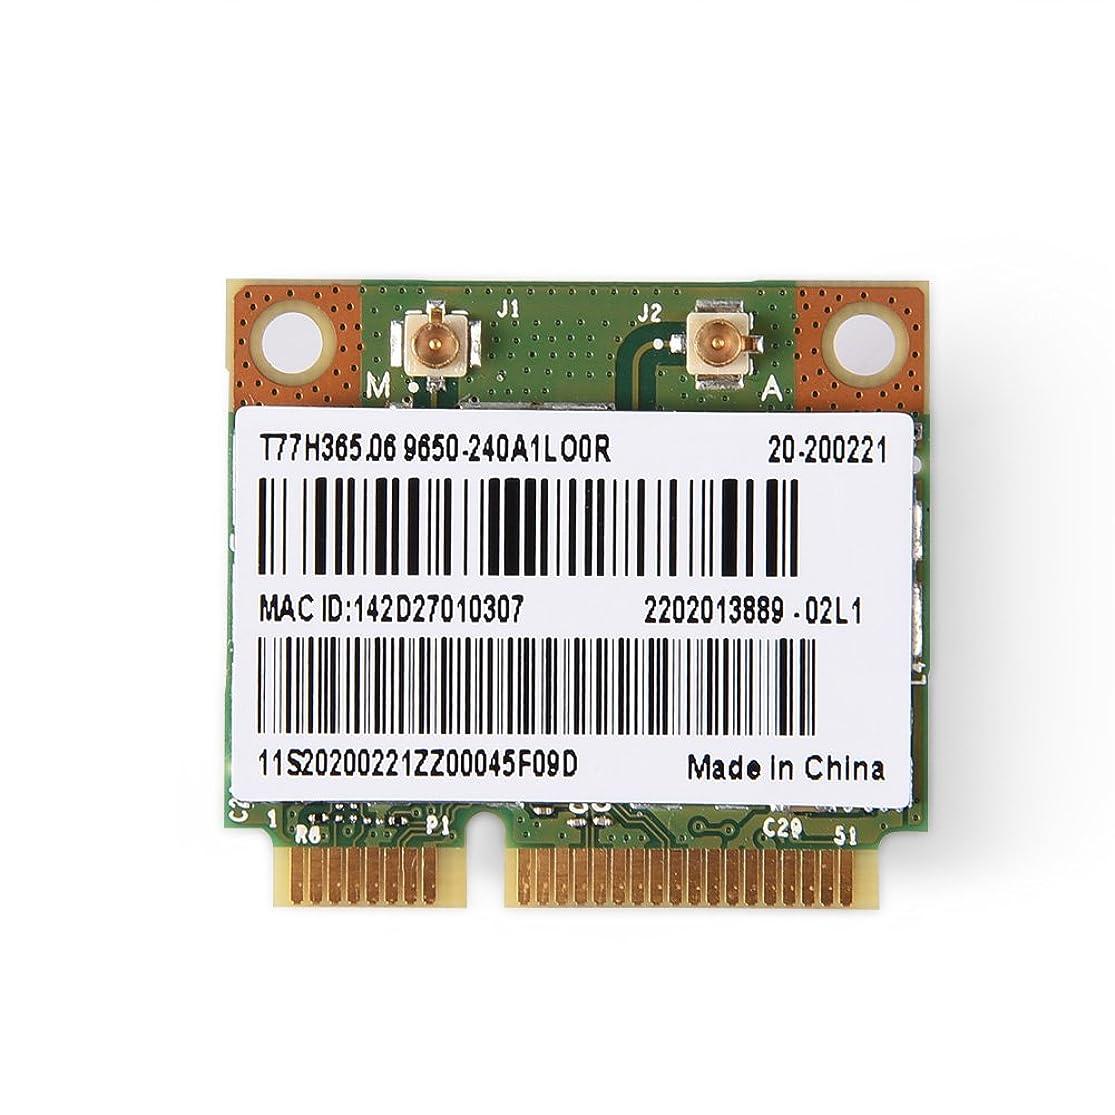 以降ボイコット重大fosa WiFiカード 2イン1 Bluetooth 2.4/ 5G デュアルバンド WiFiカード Intel 945/965/ PM45/ GM45/ HM61/ 65